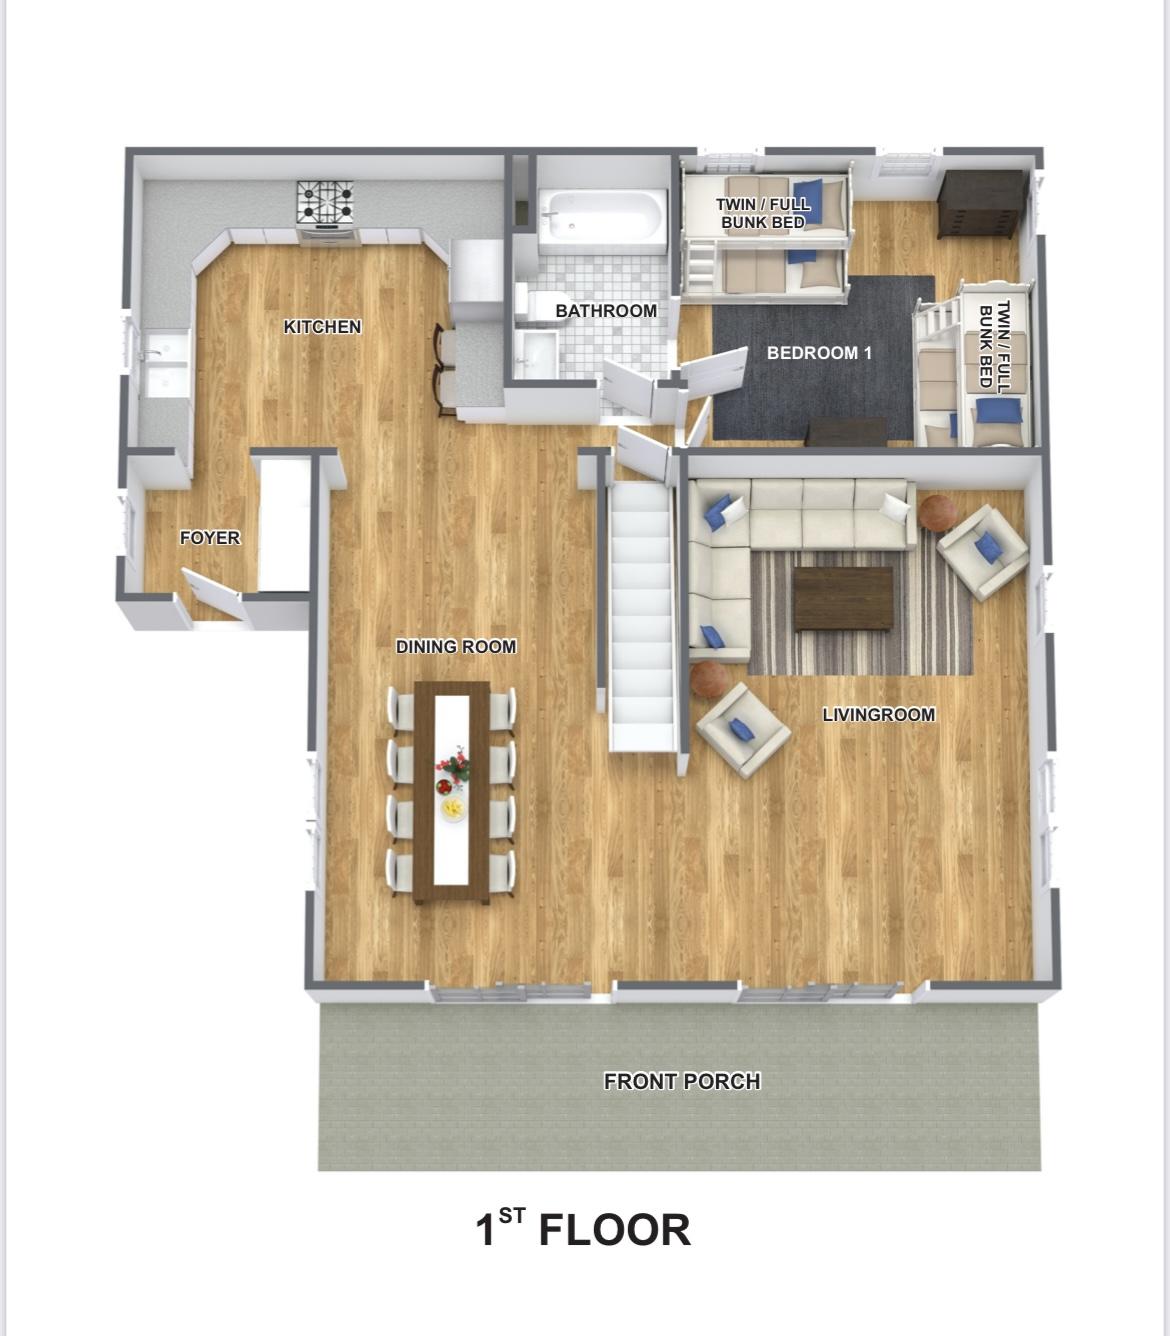 1st floor plan furnished